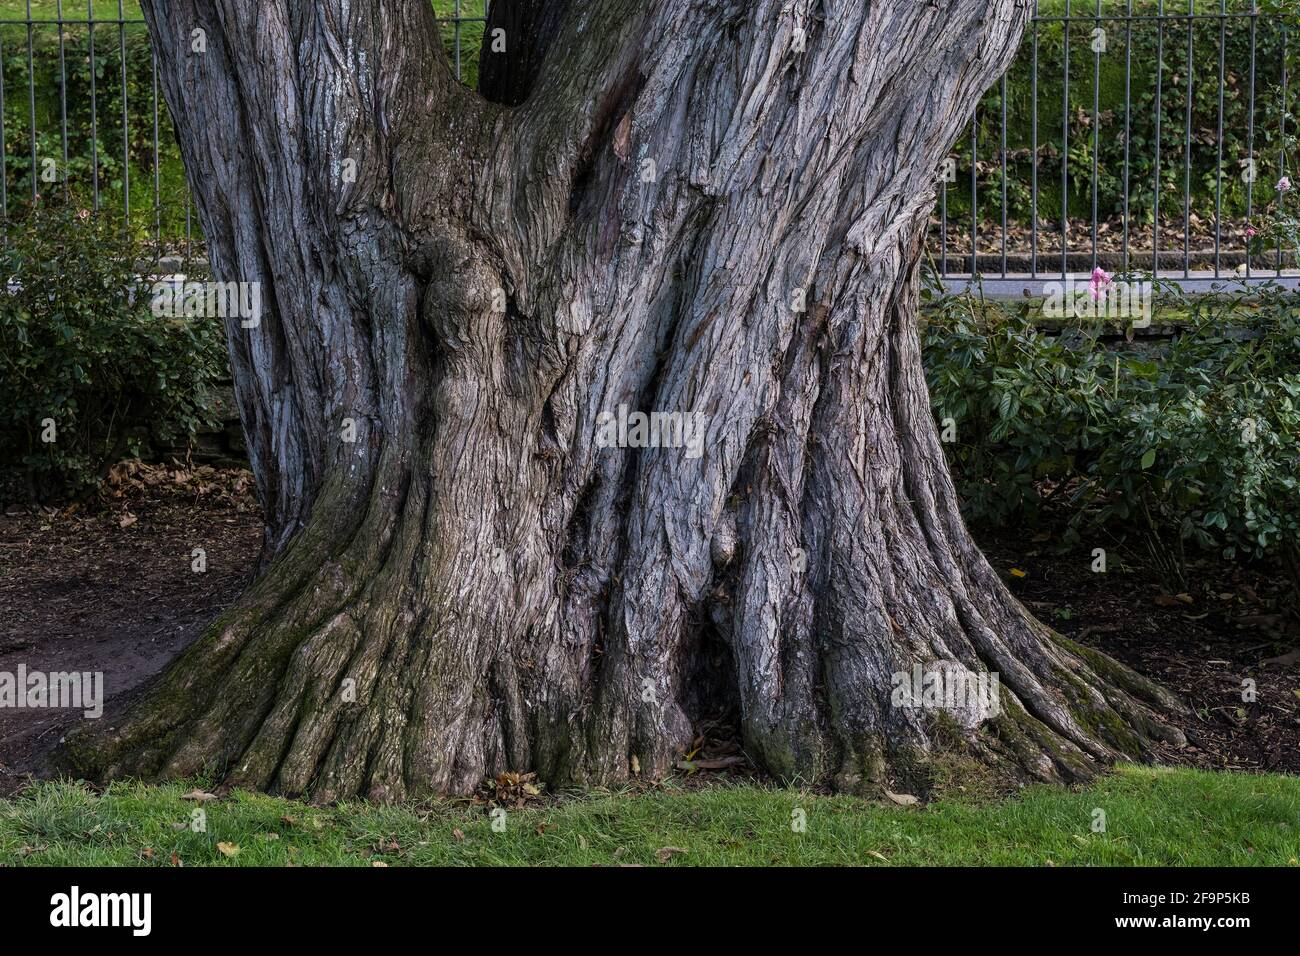 L'immense tronc de Cupressus macrocarpa Monterey Cypress dans les jardins de Trenance à Newquay, en Cornouailles. Banque D'Images